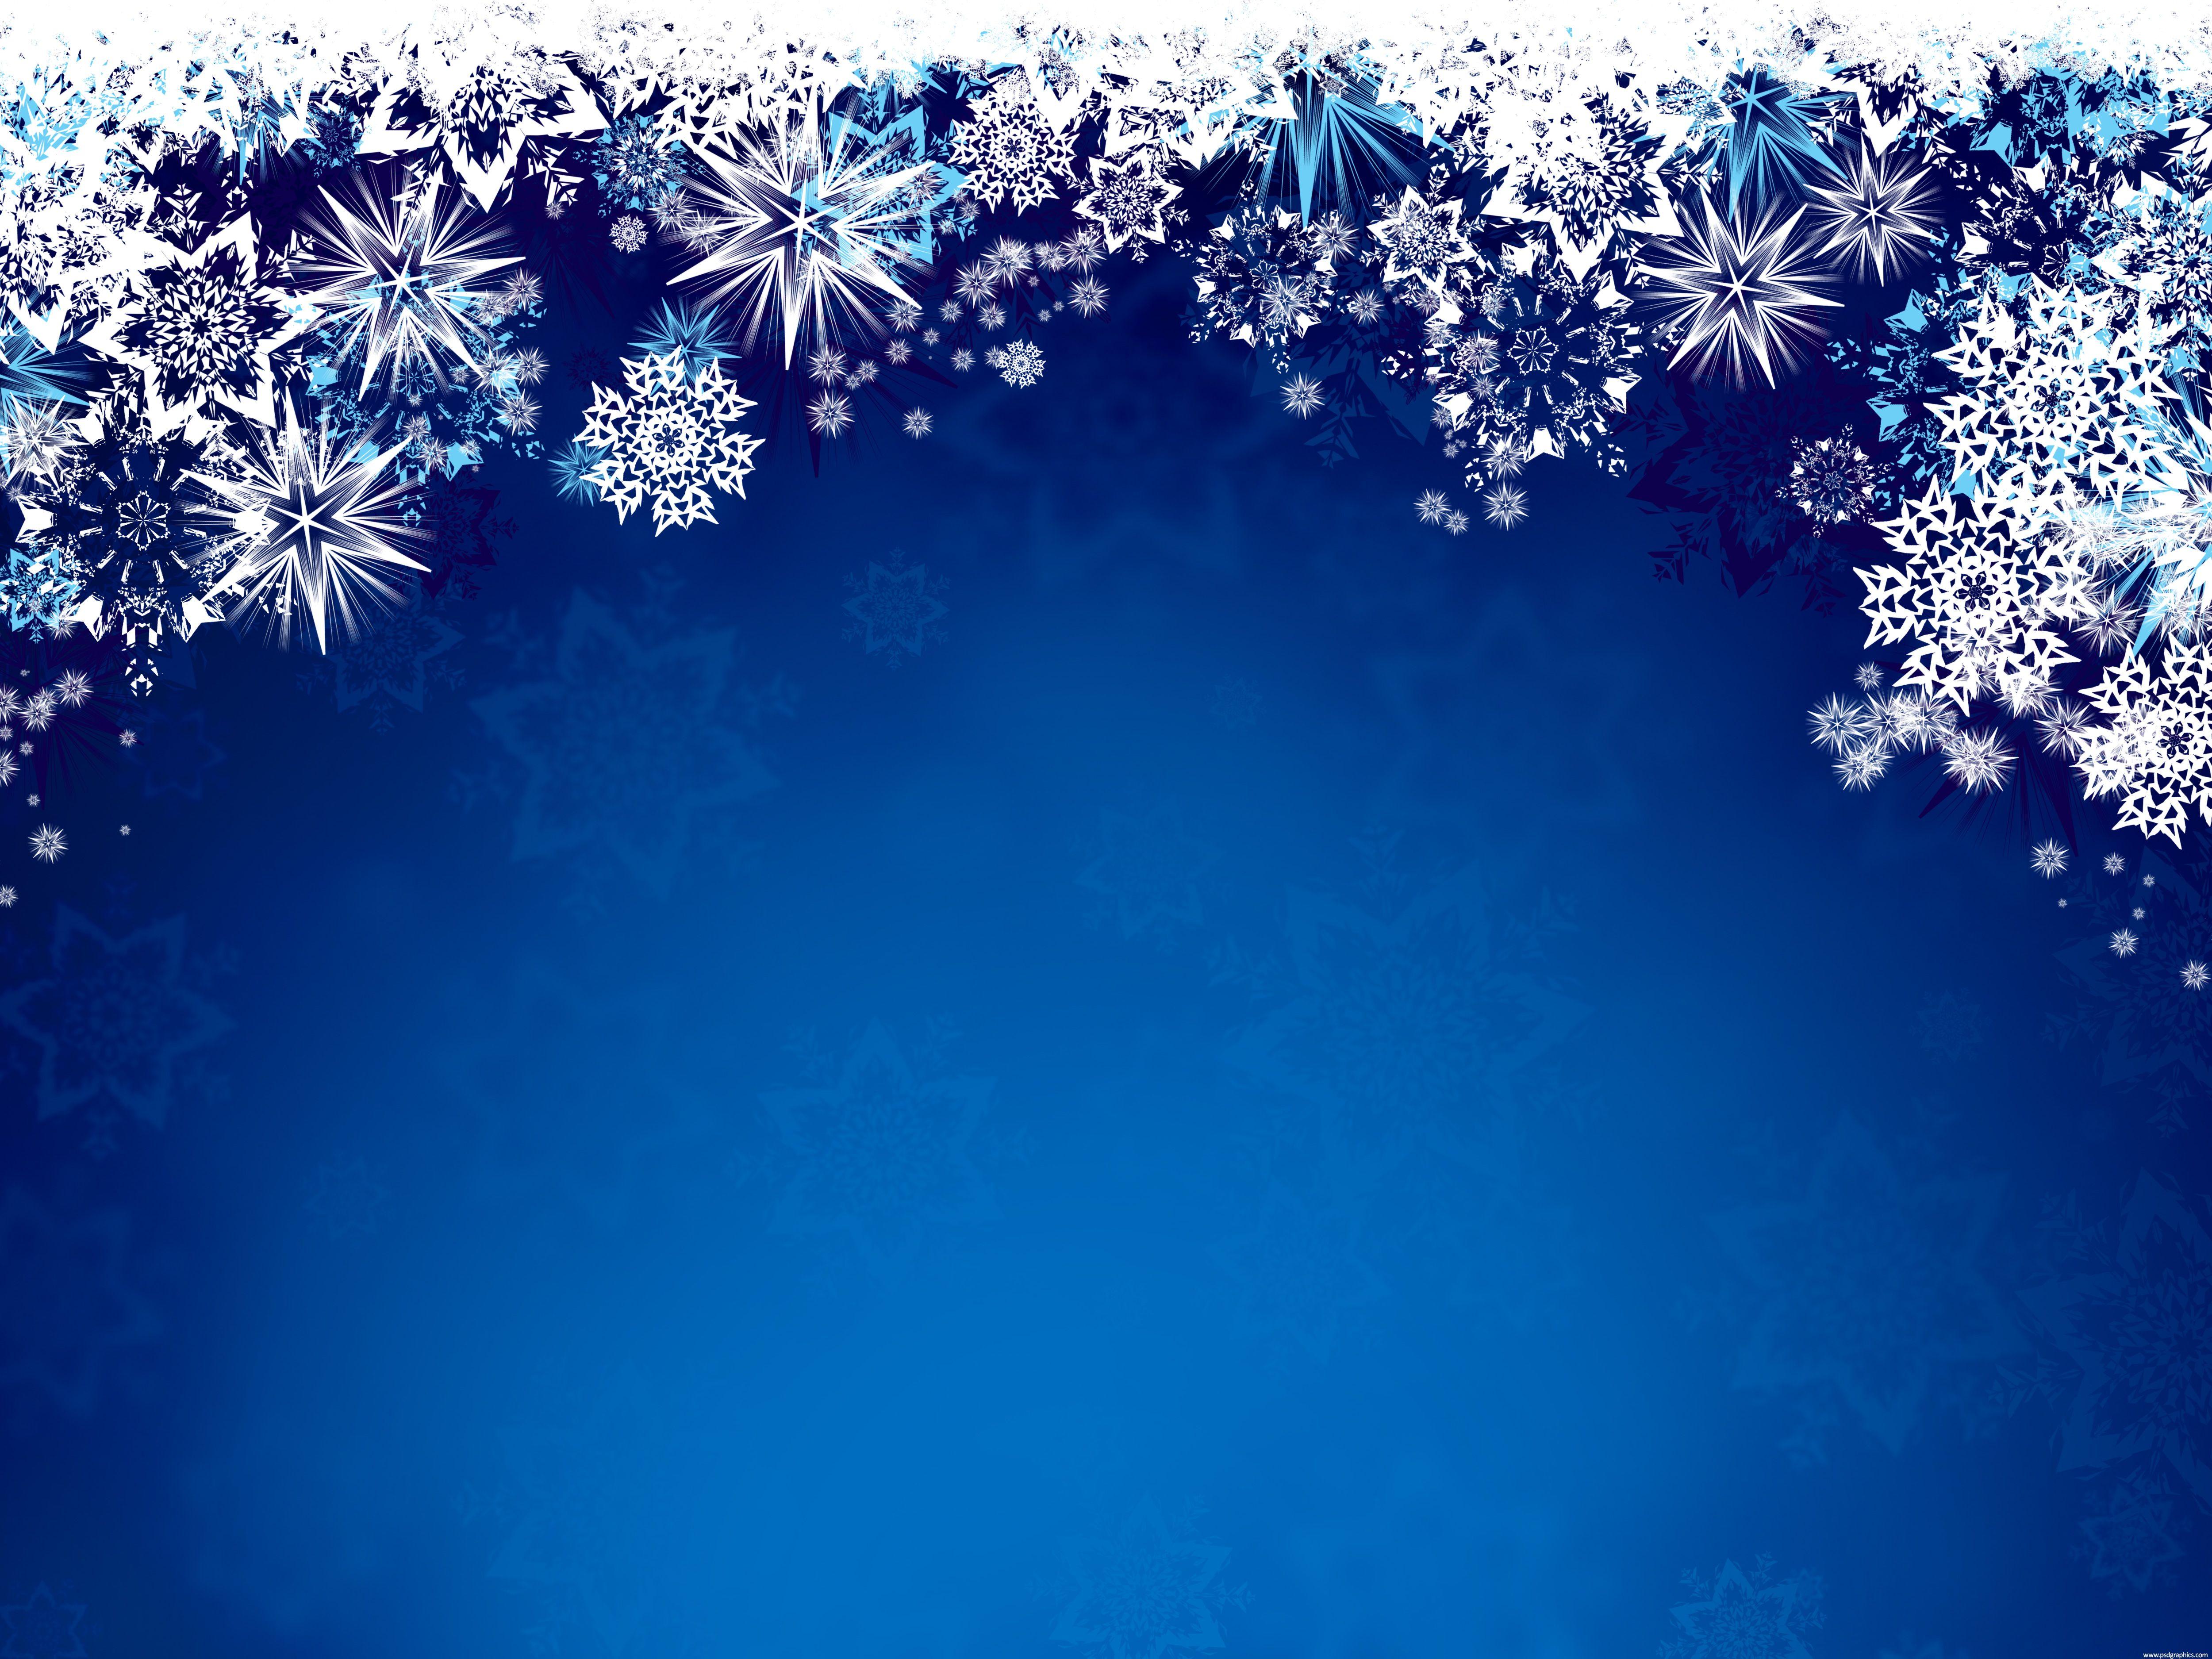 Pin oleh Bonnie Rogers di Phone Backgrounds Kartu natal